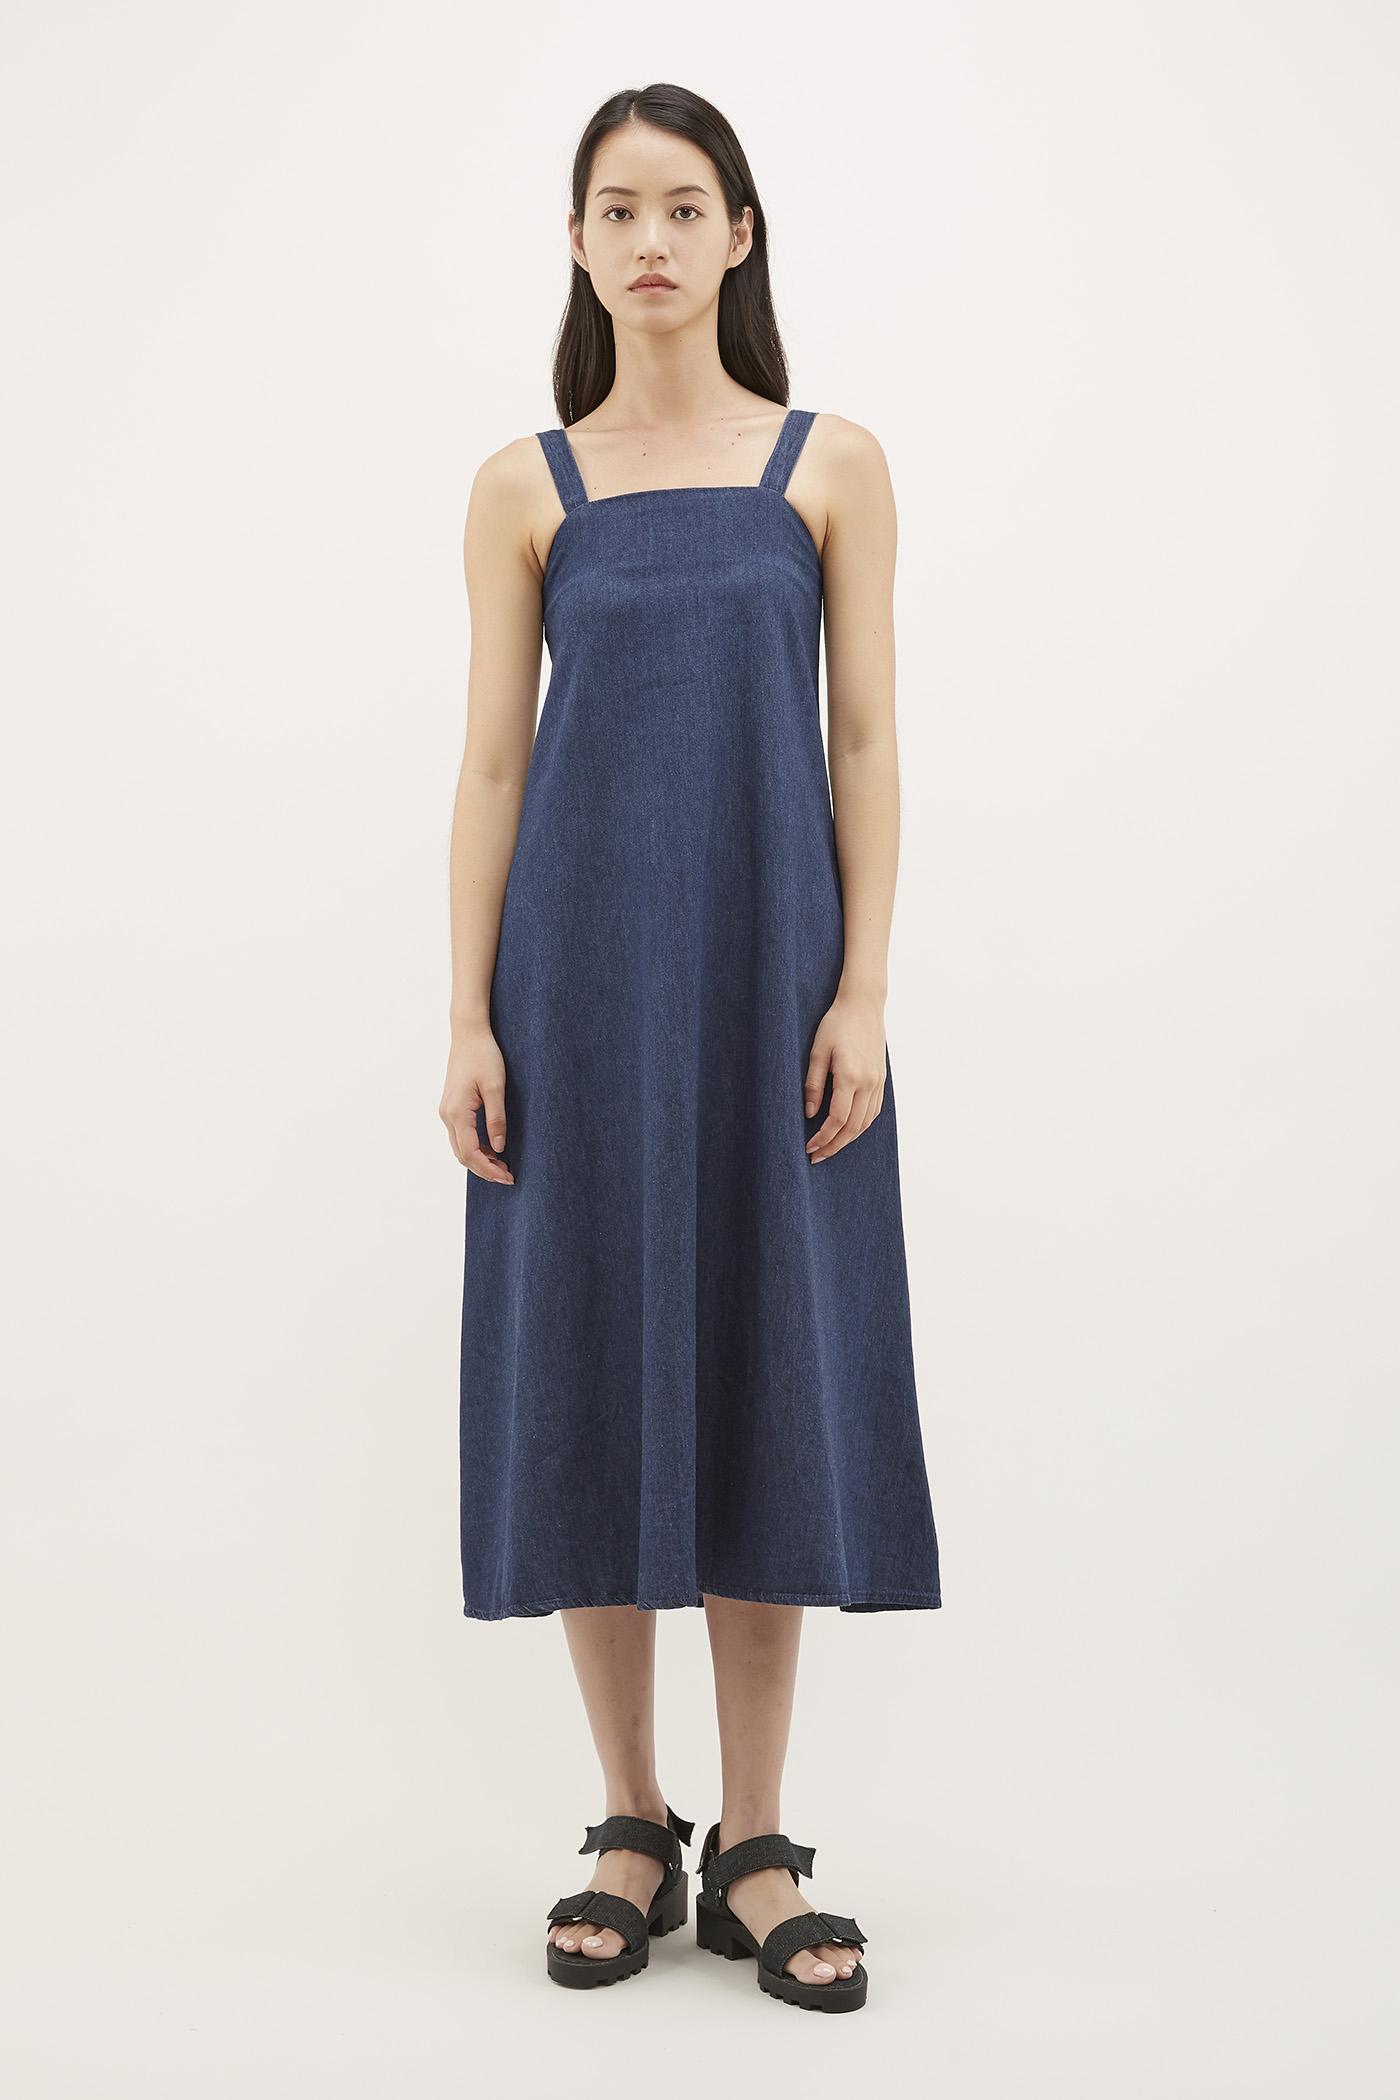 Ziva Denim Dress